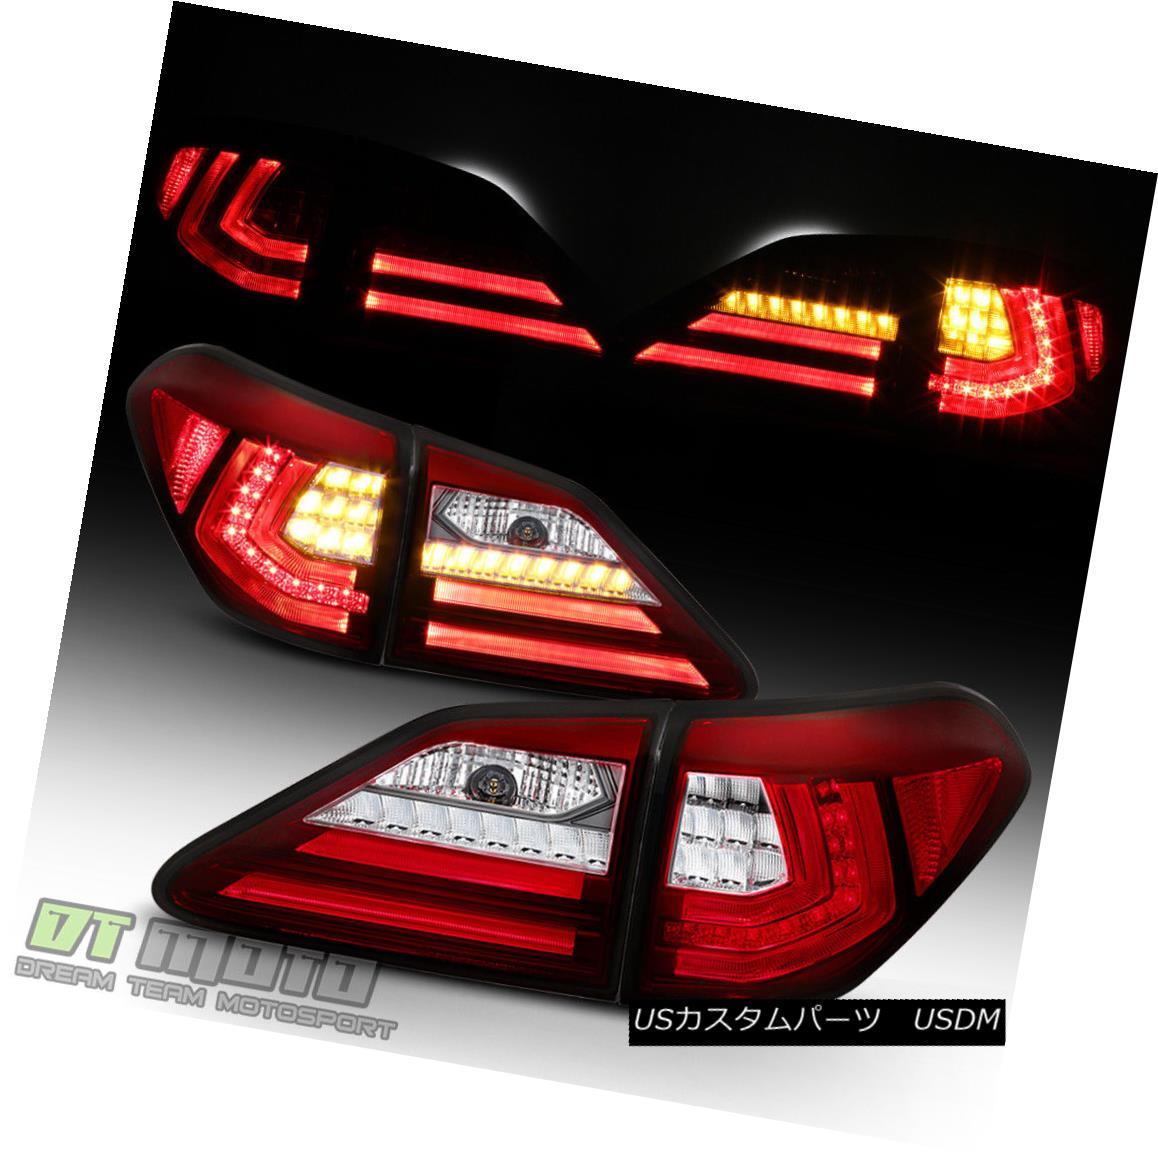 テールライト Update 2010 2011 2012 Lexus RX350 Red LED Tube Tail Lights Lamps Left+Right 4PCS アップデート2010 2011 2012レクサスRX350赤色LEDテールライトランプ左+右4PCS